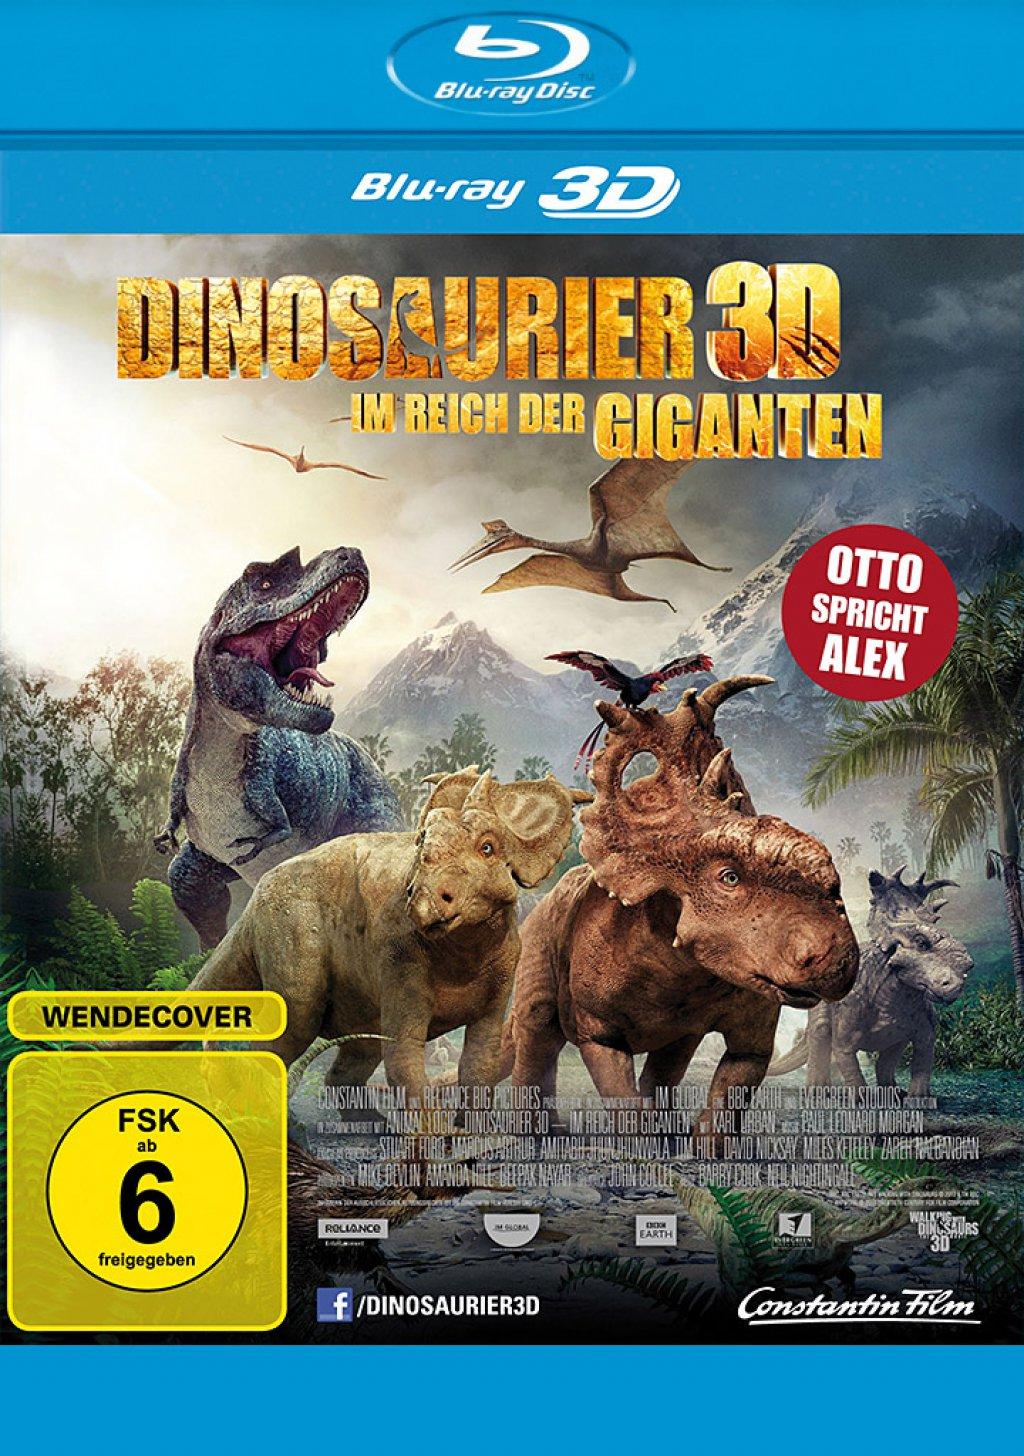 Dinosaurier 3D - Im Reich der Giganten - Blu-ray 3D + 2D (Blu-ray)